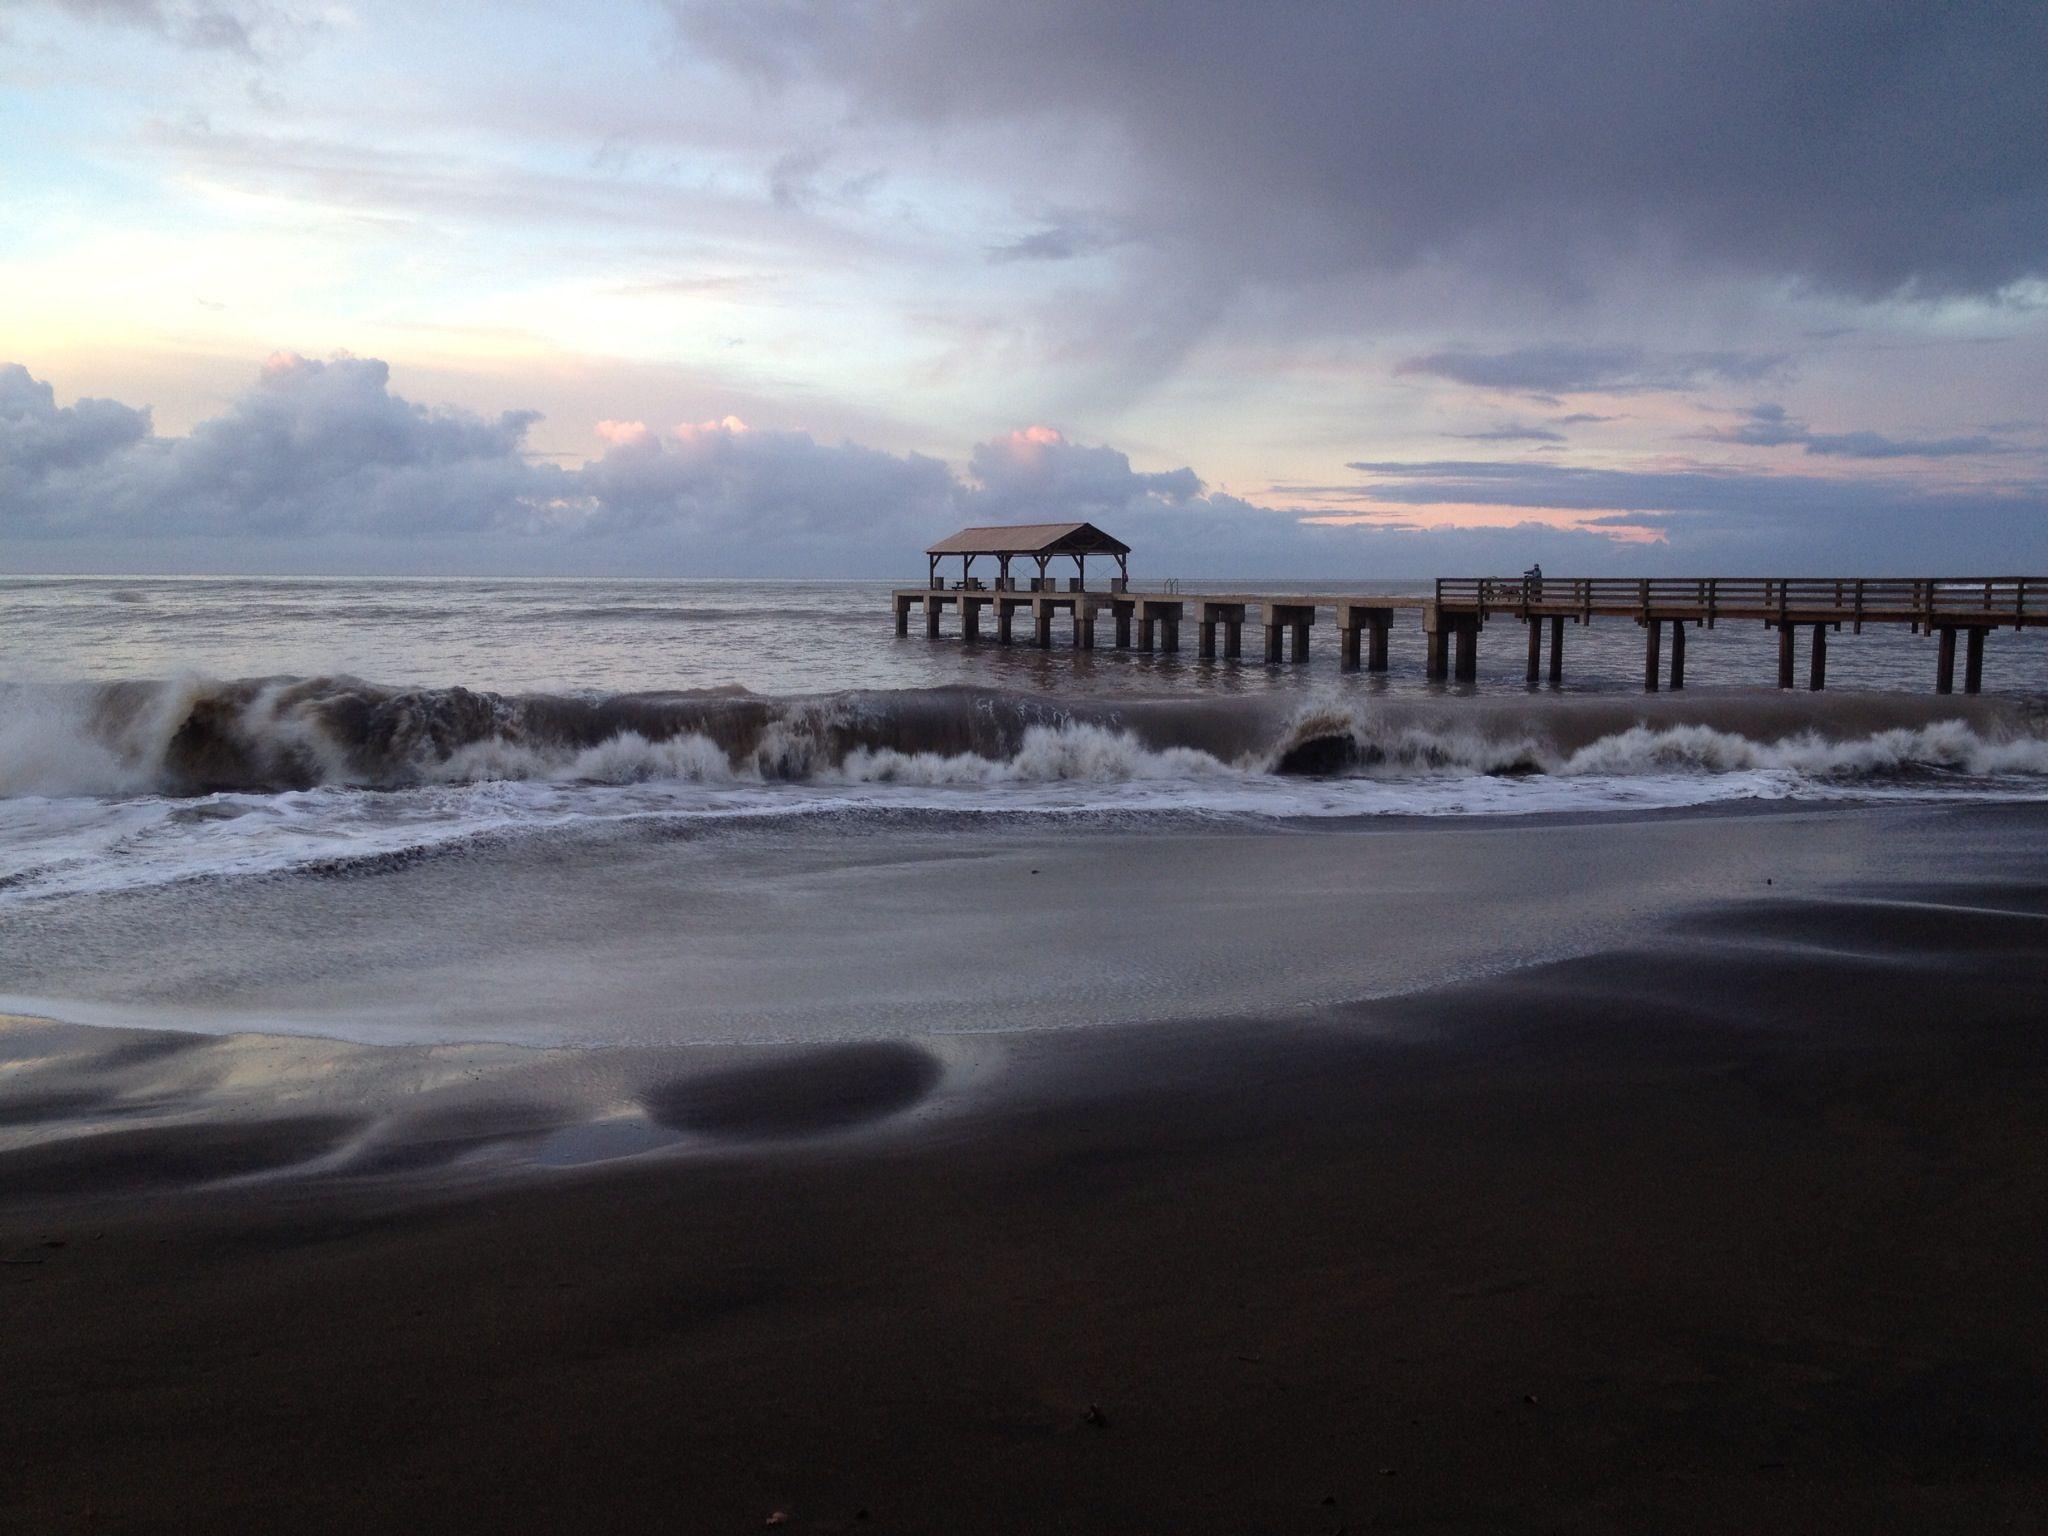 Black Sand Beach In Waimea Kauai With Pier Background